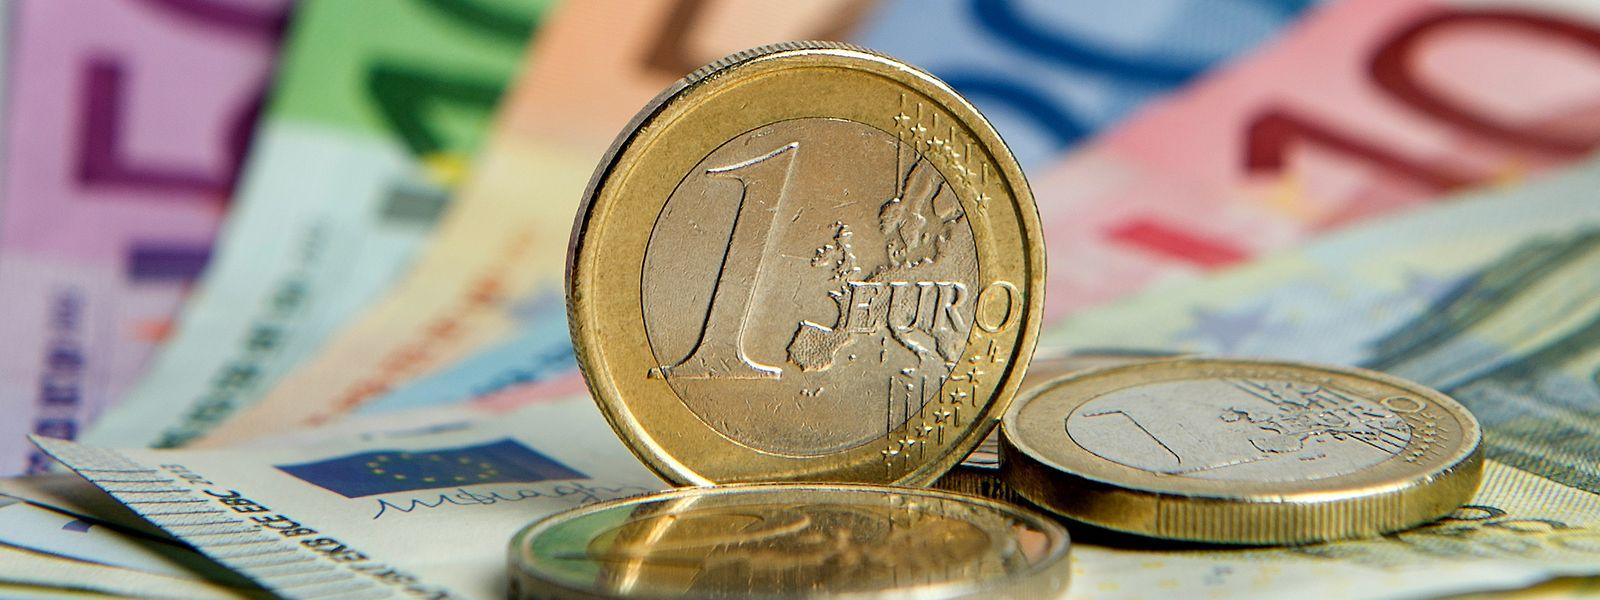 Beim Anteil des Euro als Reservewährung zeichnet sich eine Trendwende ab.